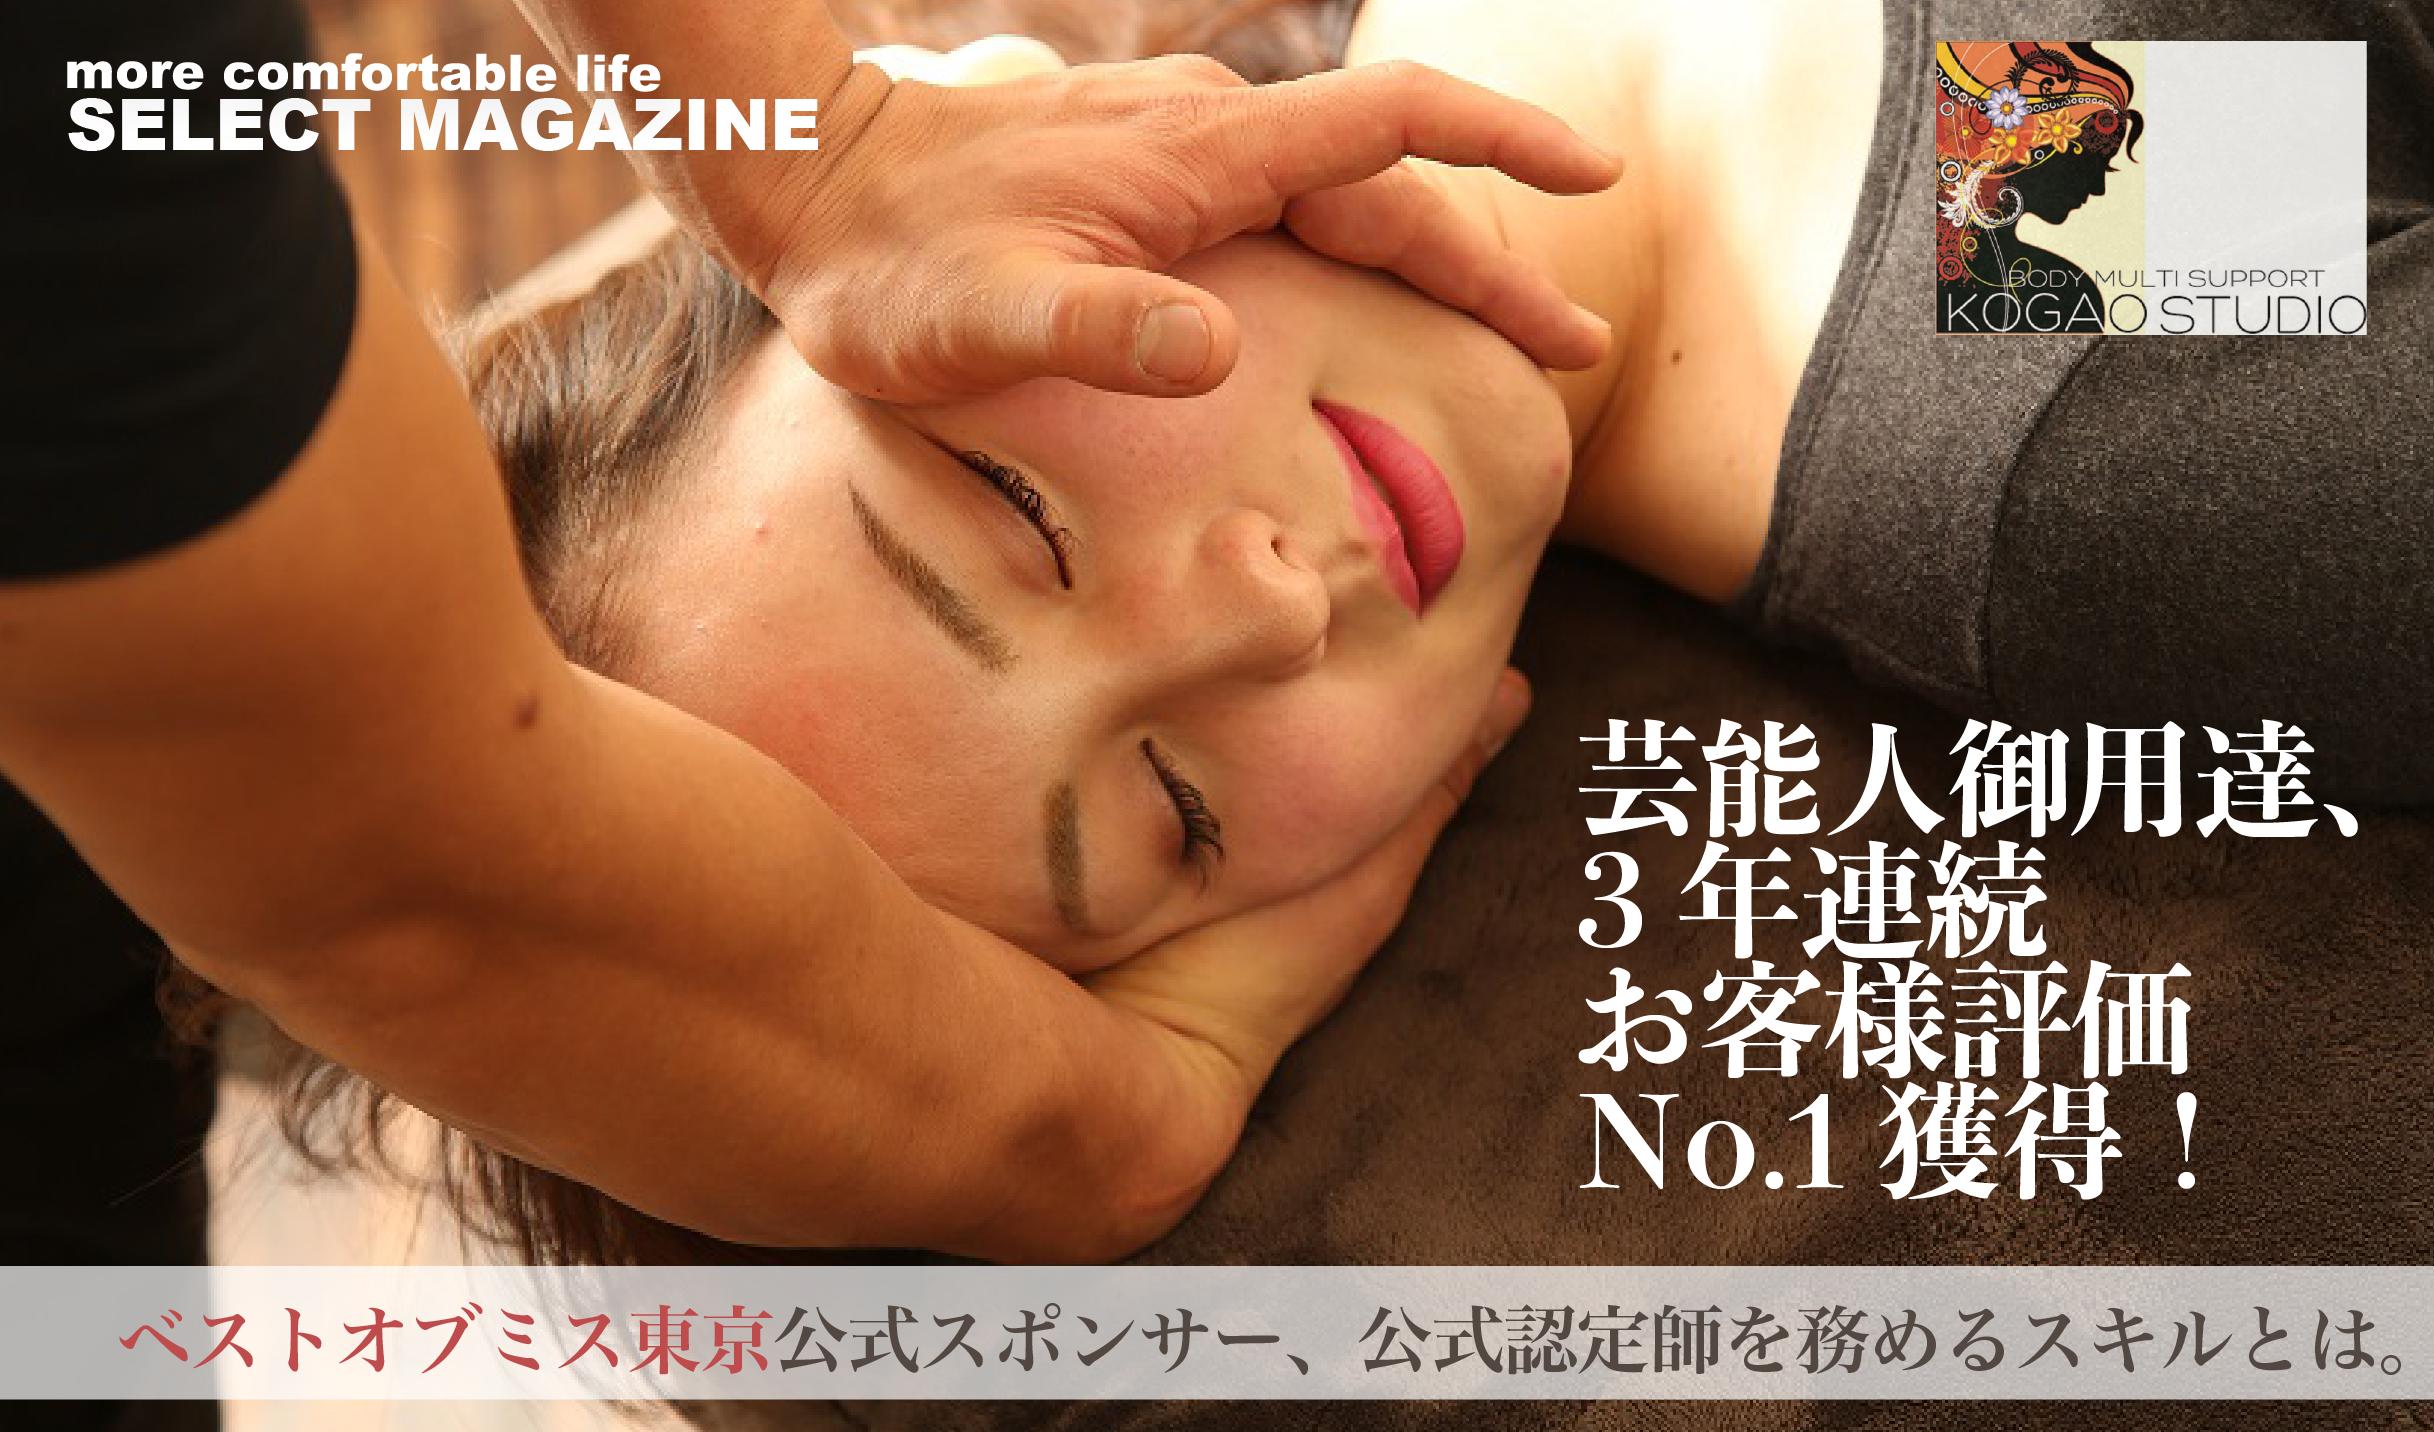 3年連続お客様評価No.1!実力派美容整体サロン『小顔スタジオ』に直撃取材!